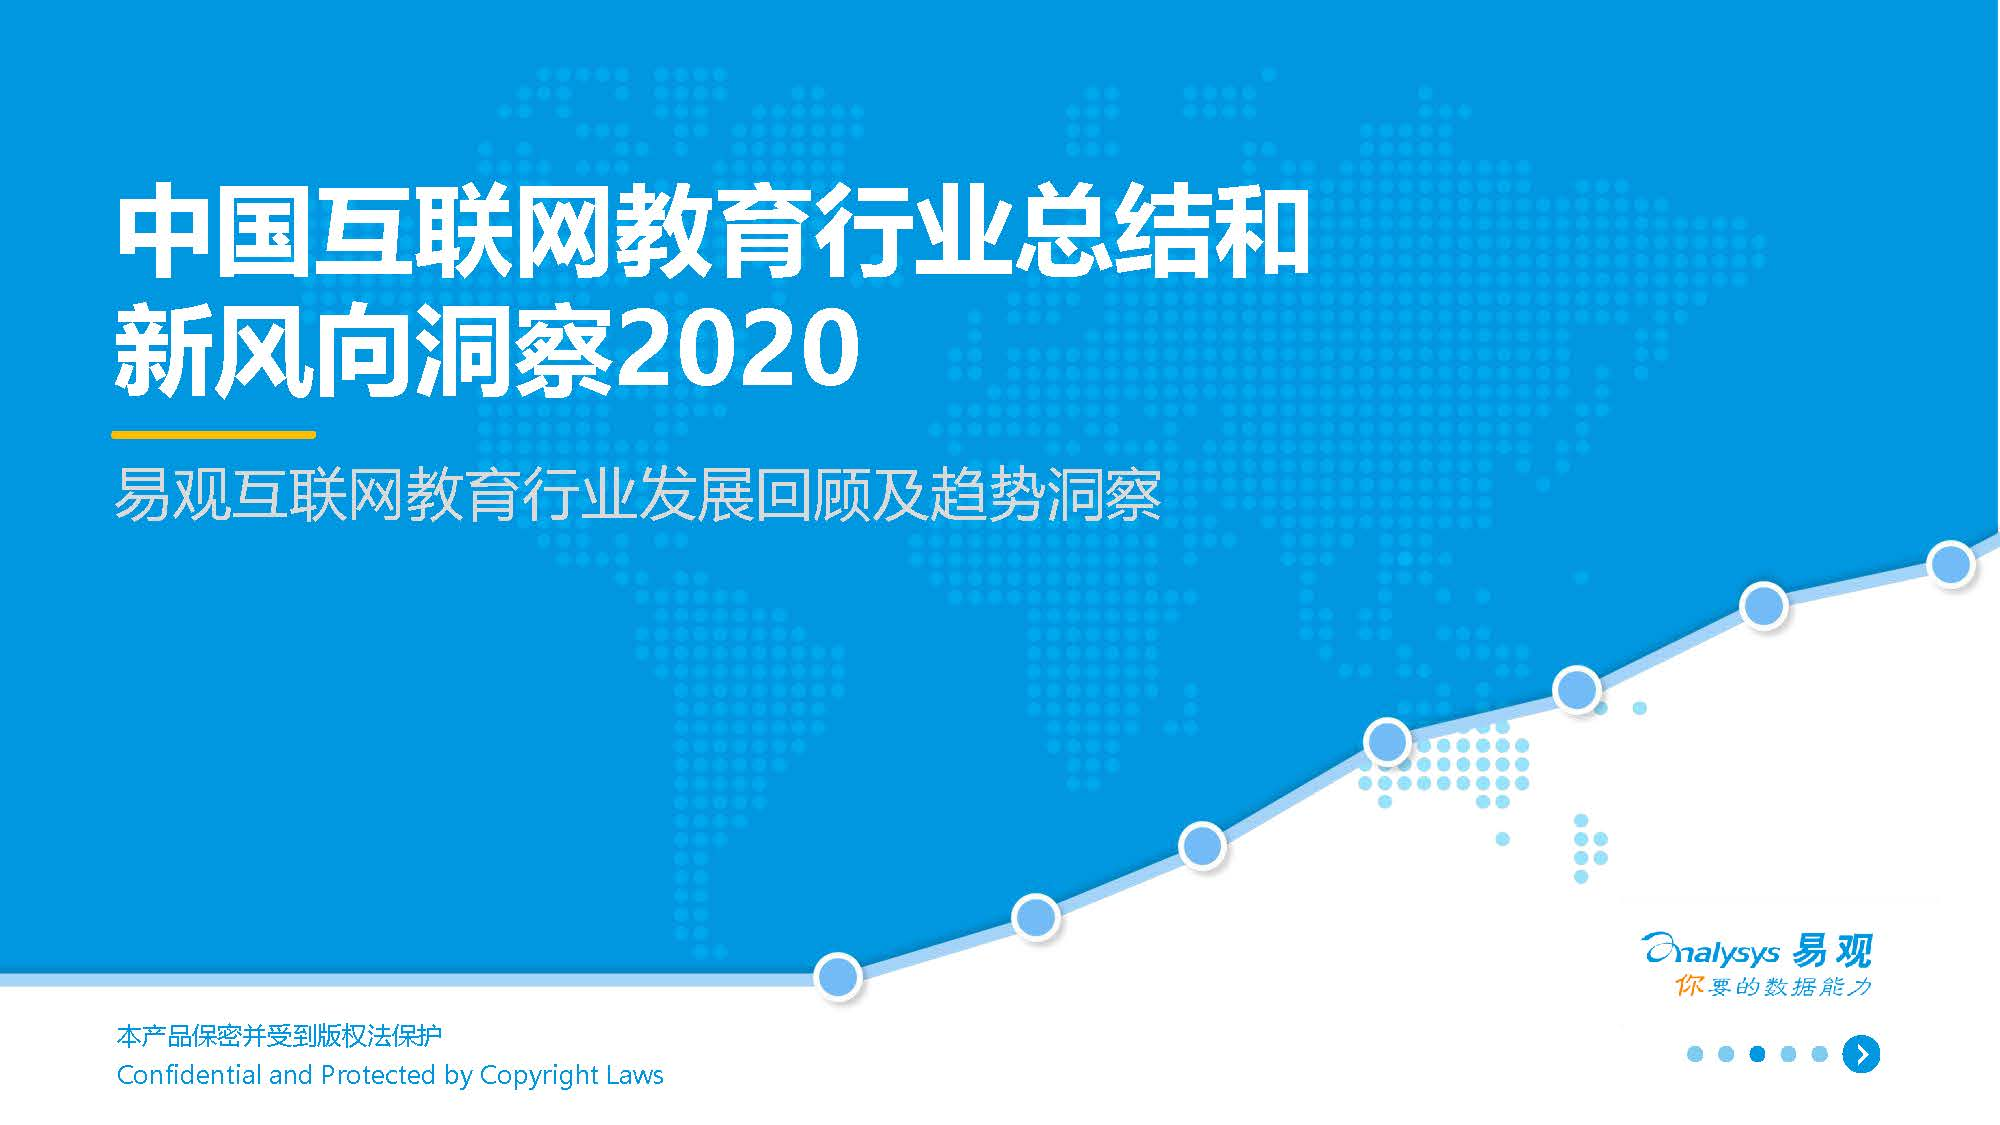 易观分析:2020中国互联网教育市场总结和新风向洞察(附下载地址)